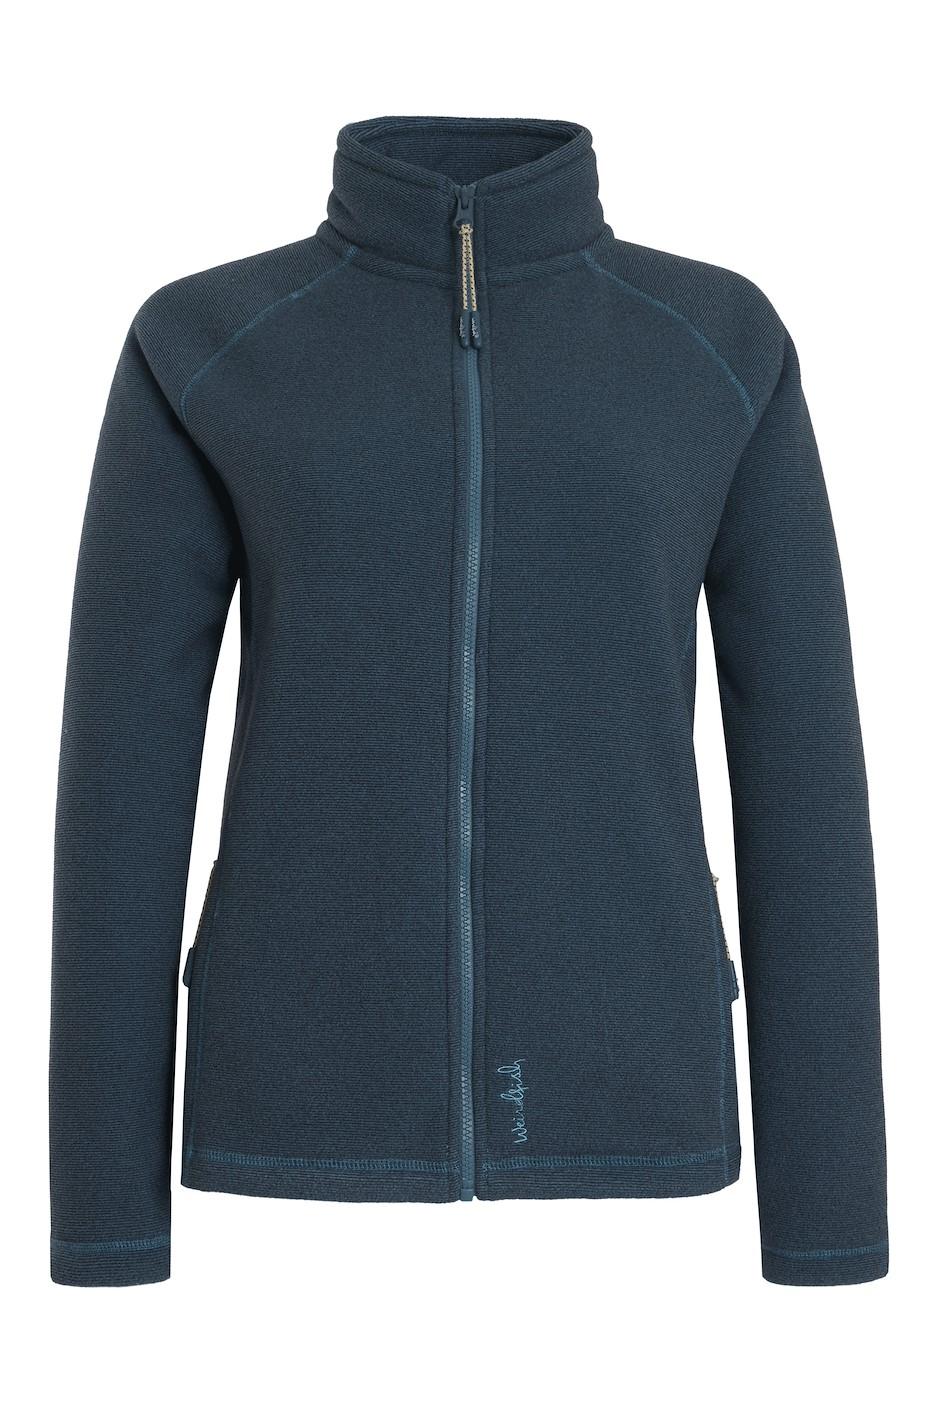 Vanya Full Zip Bonded Fleece Smoked Blue